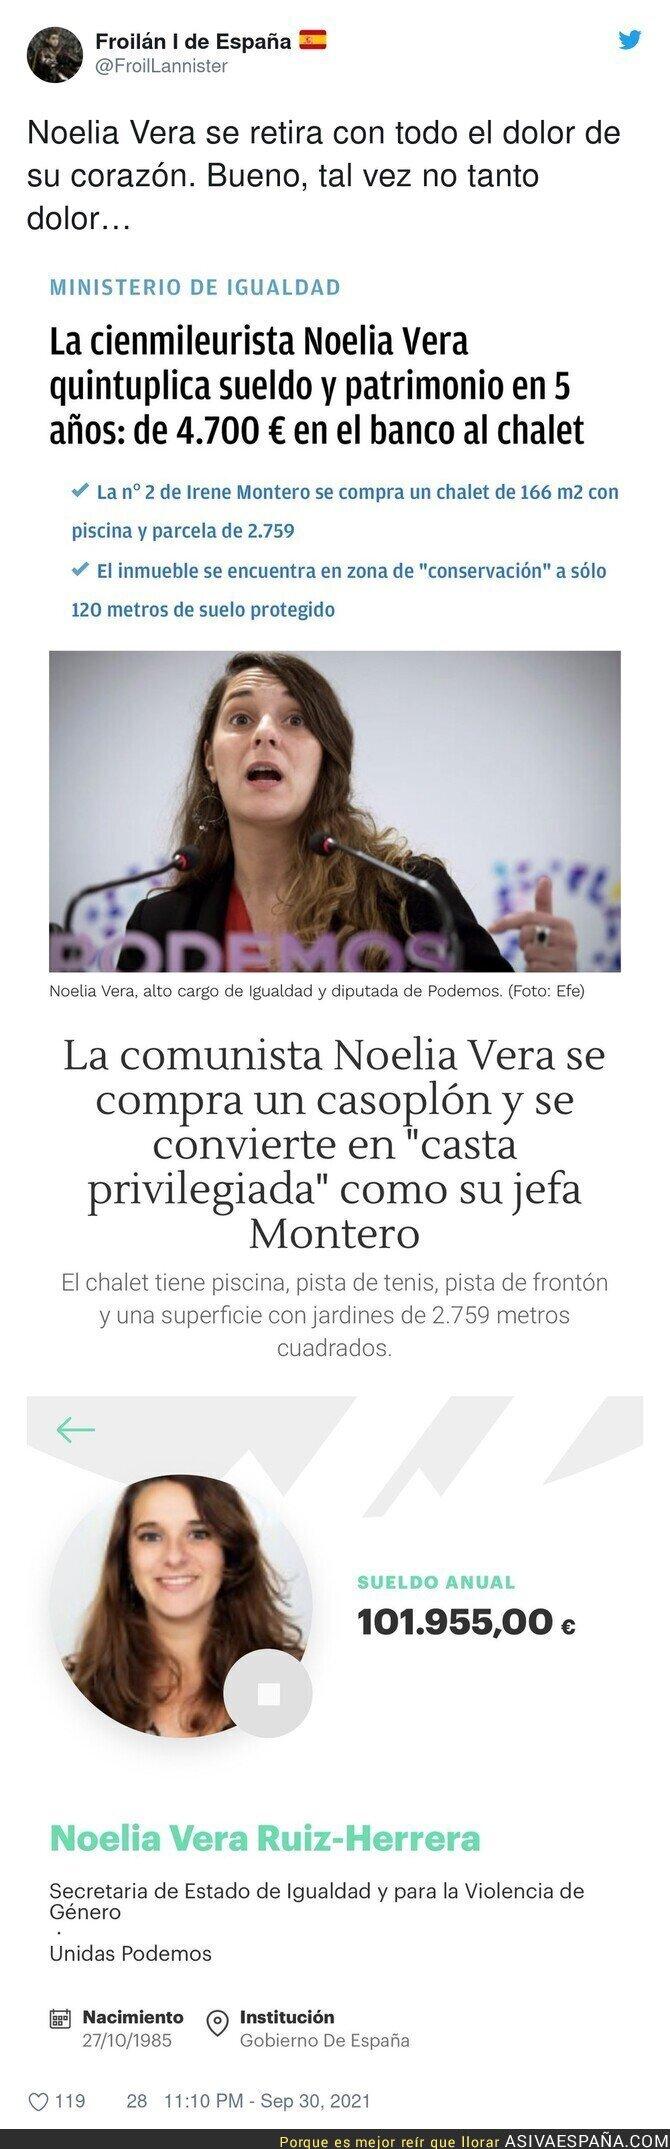 922957 - La buena vida de Noelia Vera tras empezar en política